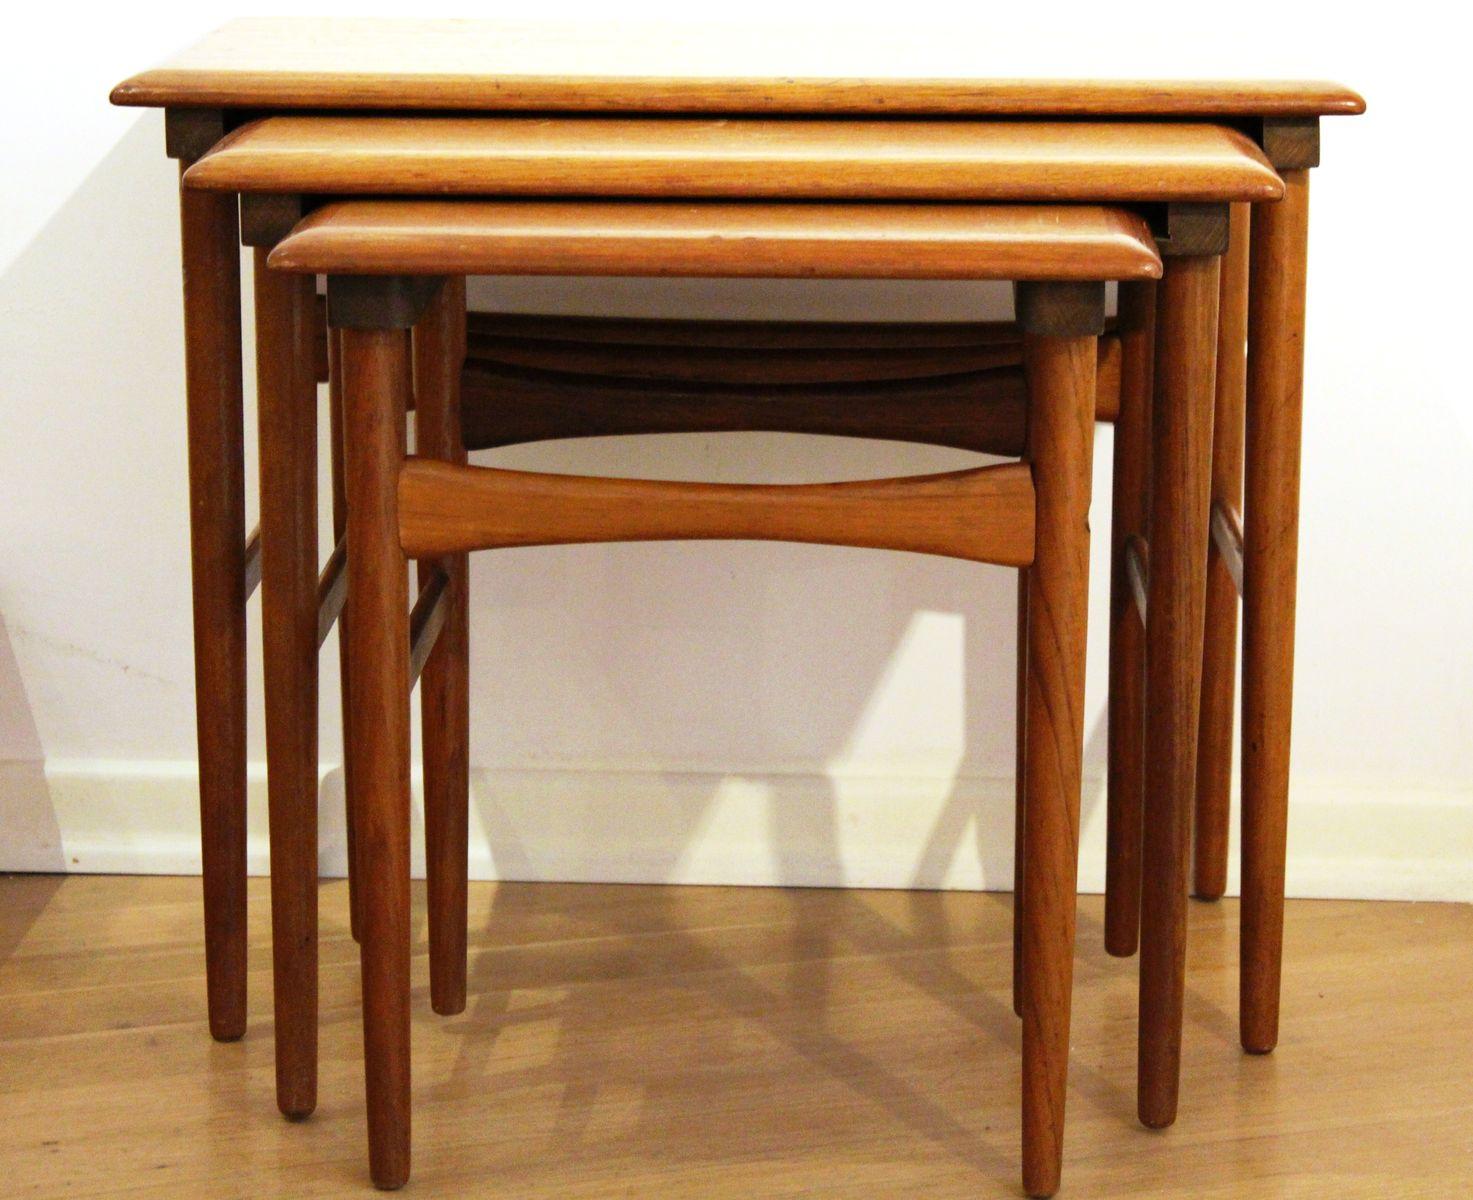 satztische von dyrlund 1960er bei pamono kaufen. Black Bedroom Furniture Sets. Home Design Ideas